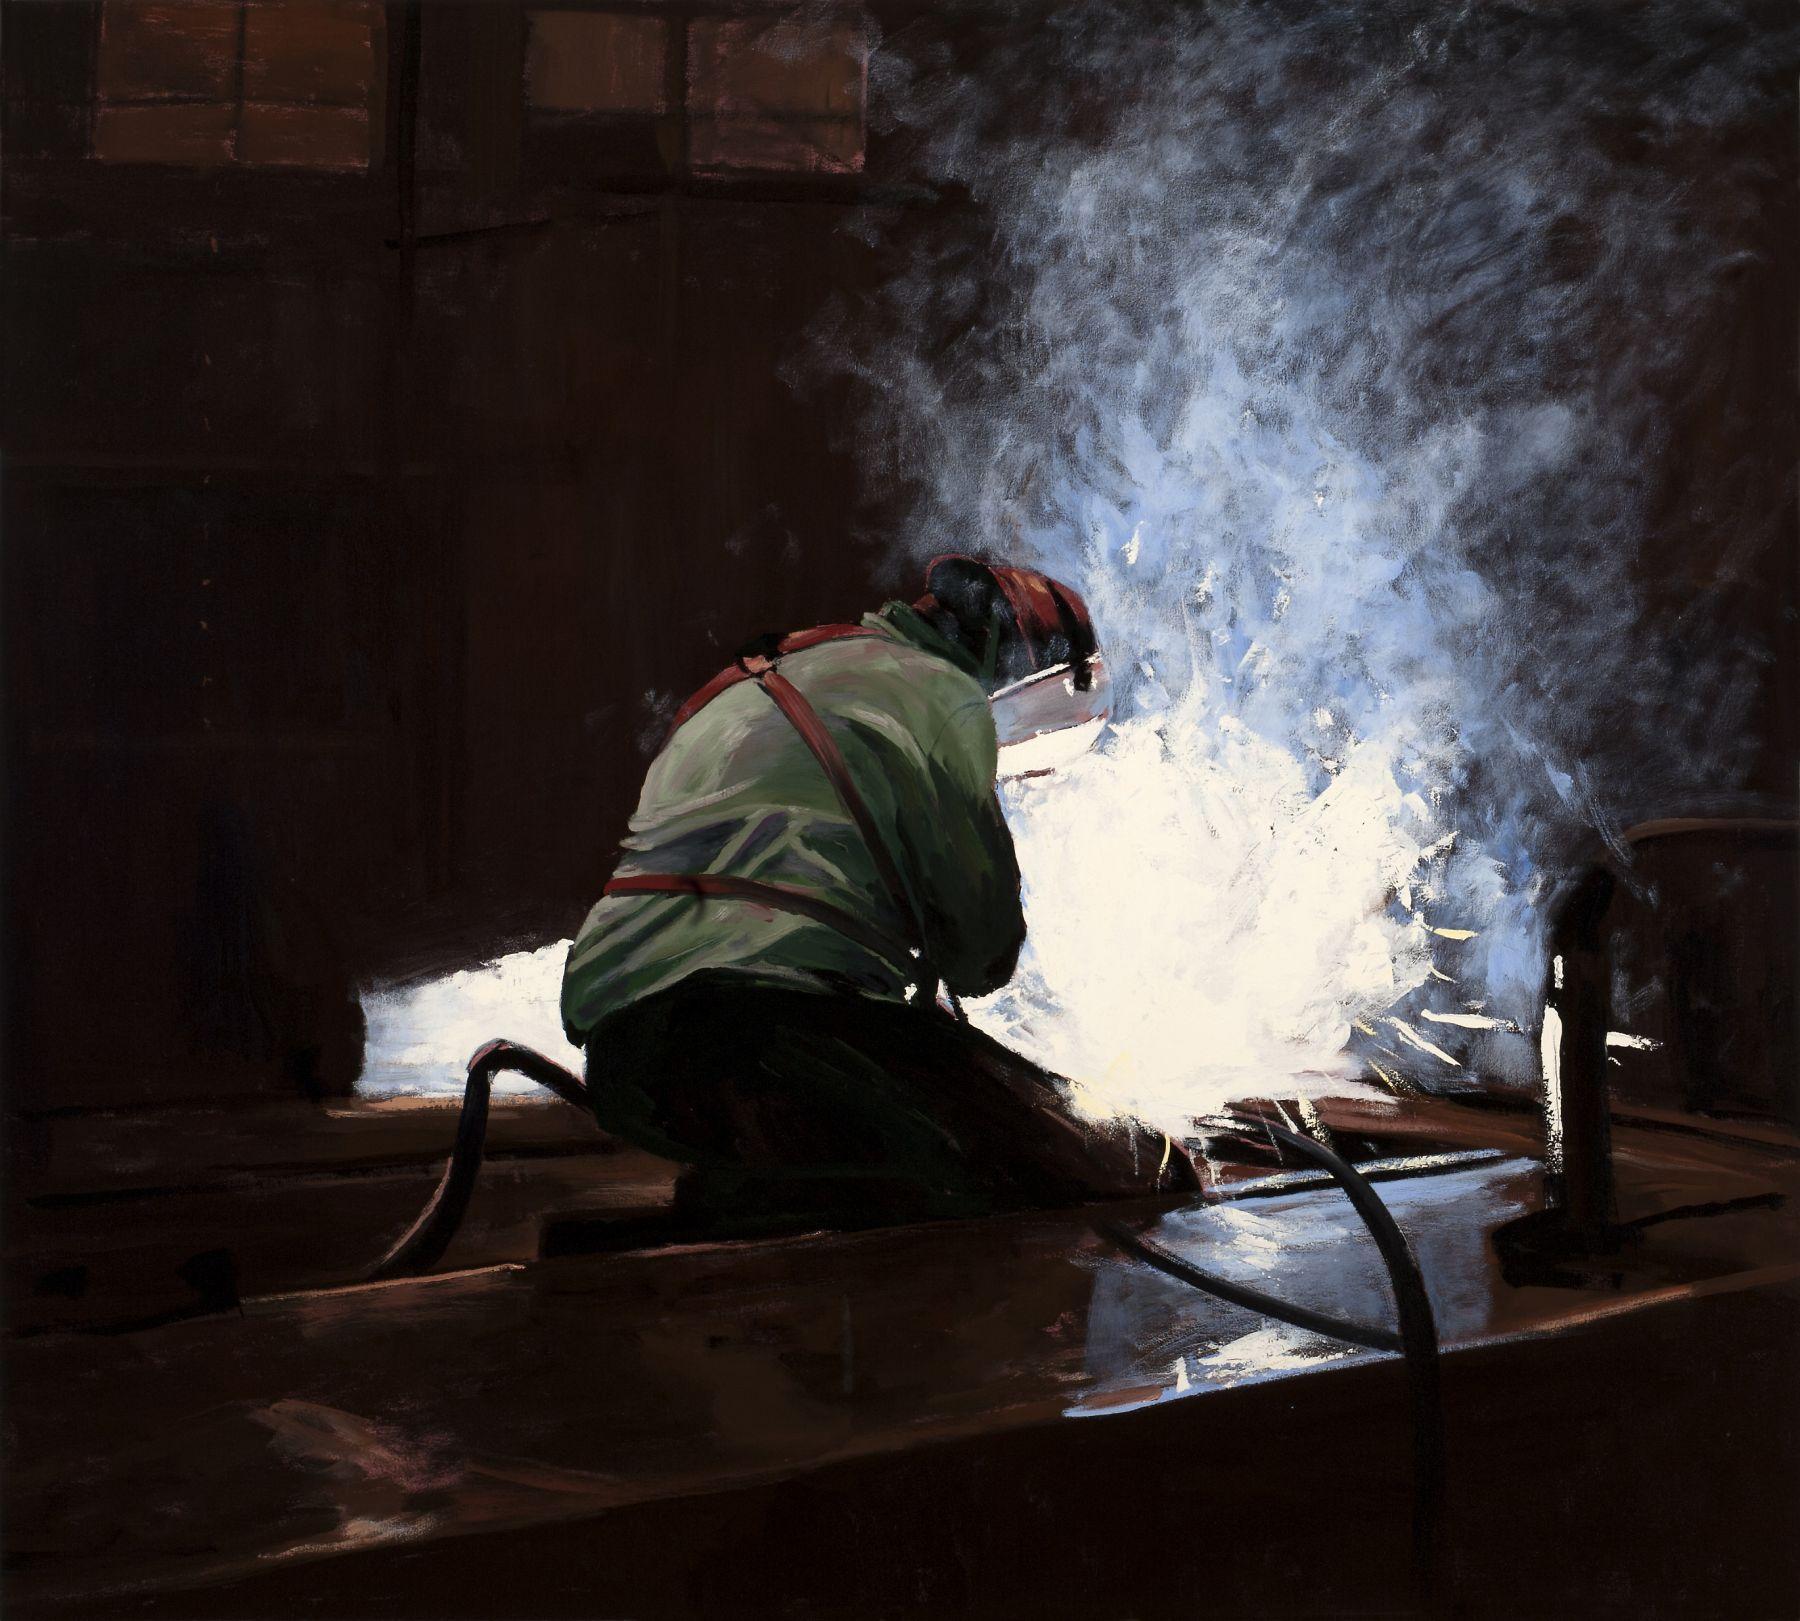 Michael Brophy - Welders of Burning Alley II